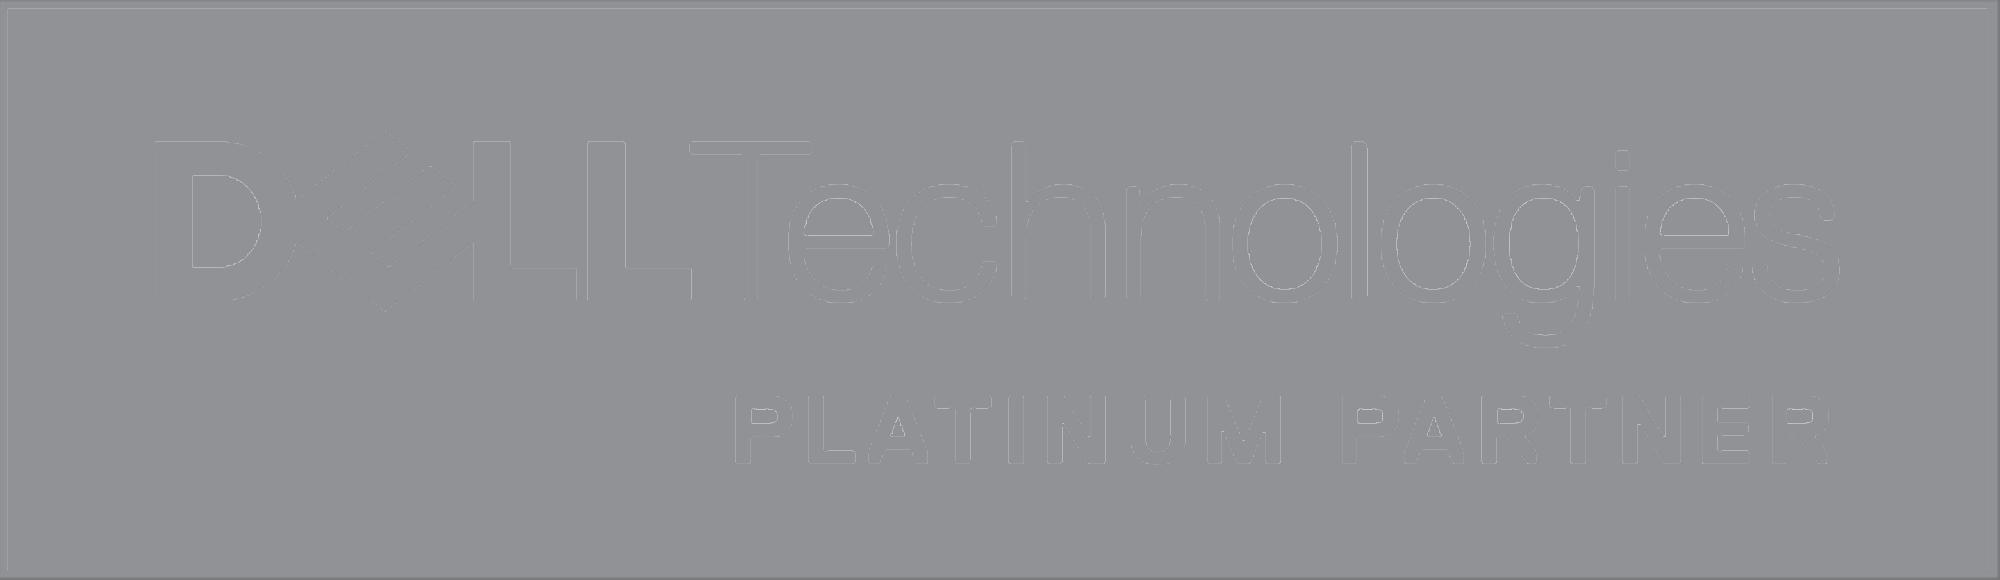 DT_PlatinumPartner_Gray Final